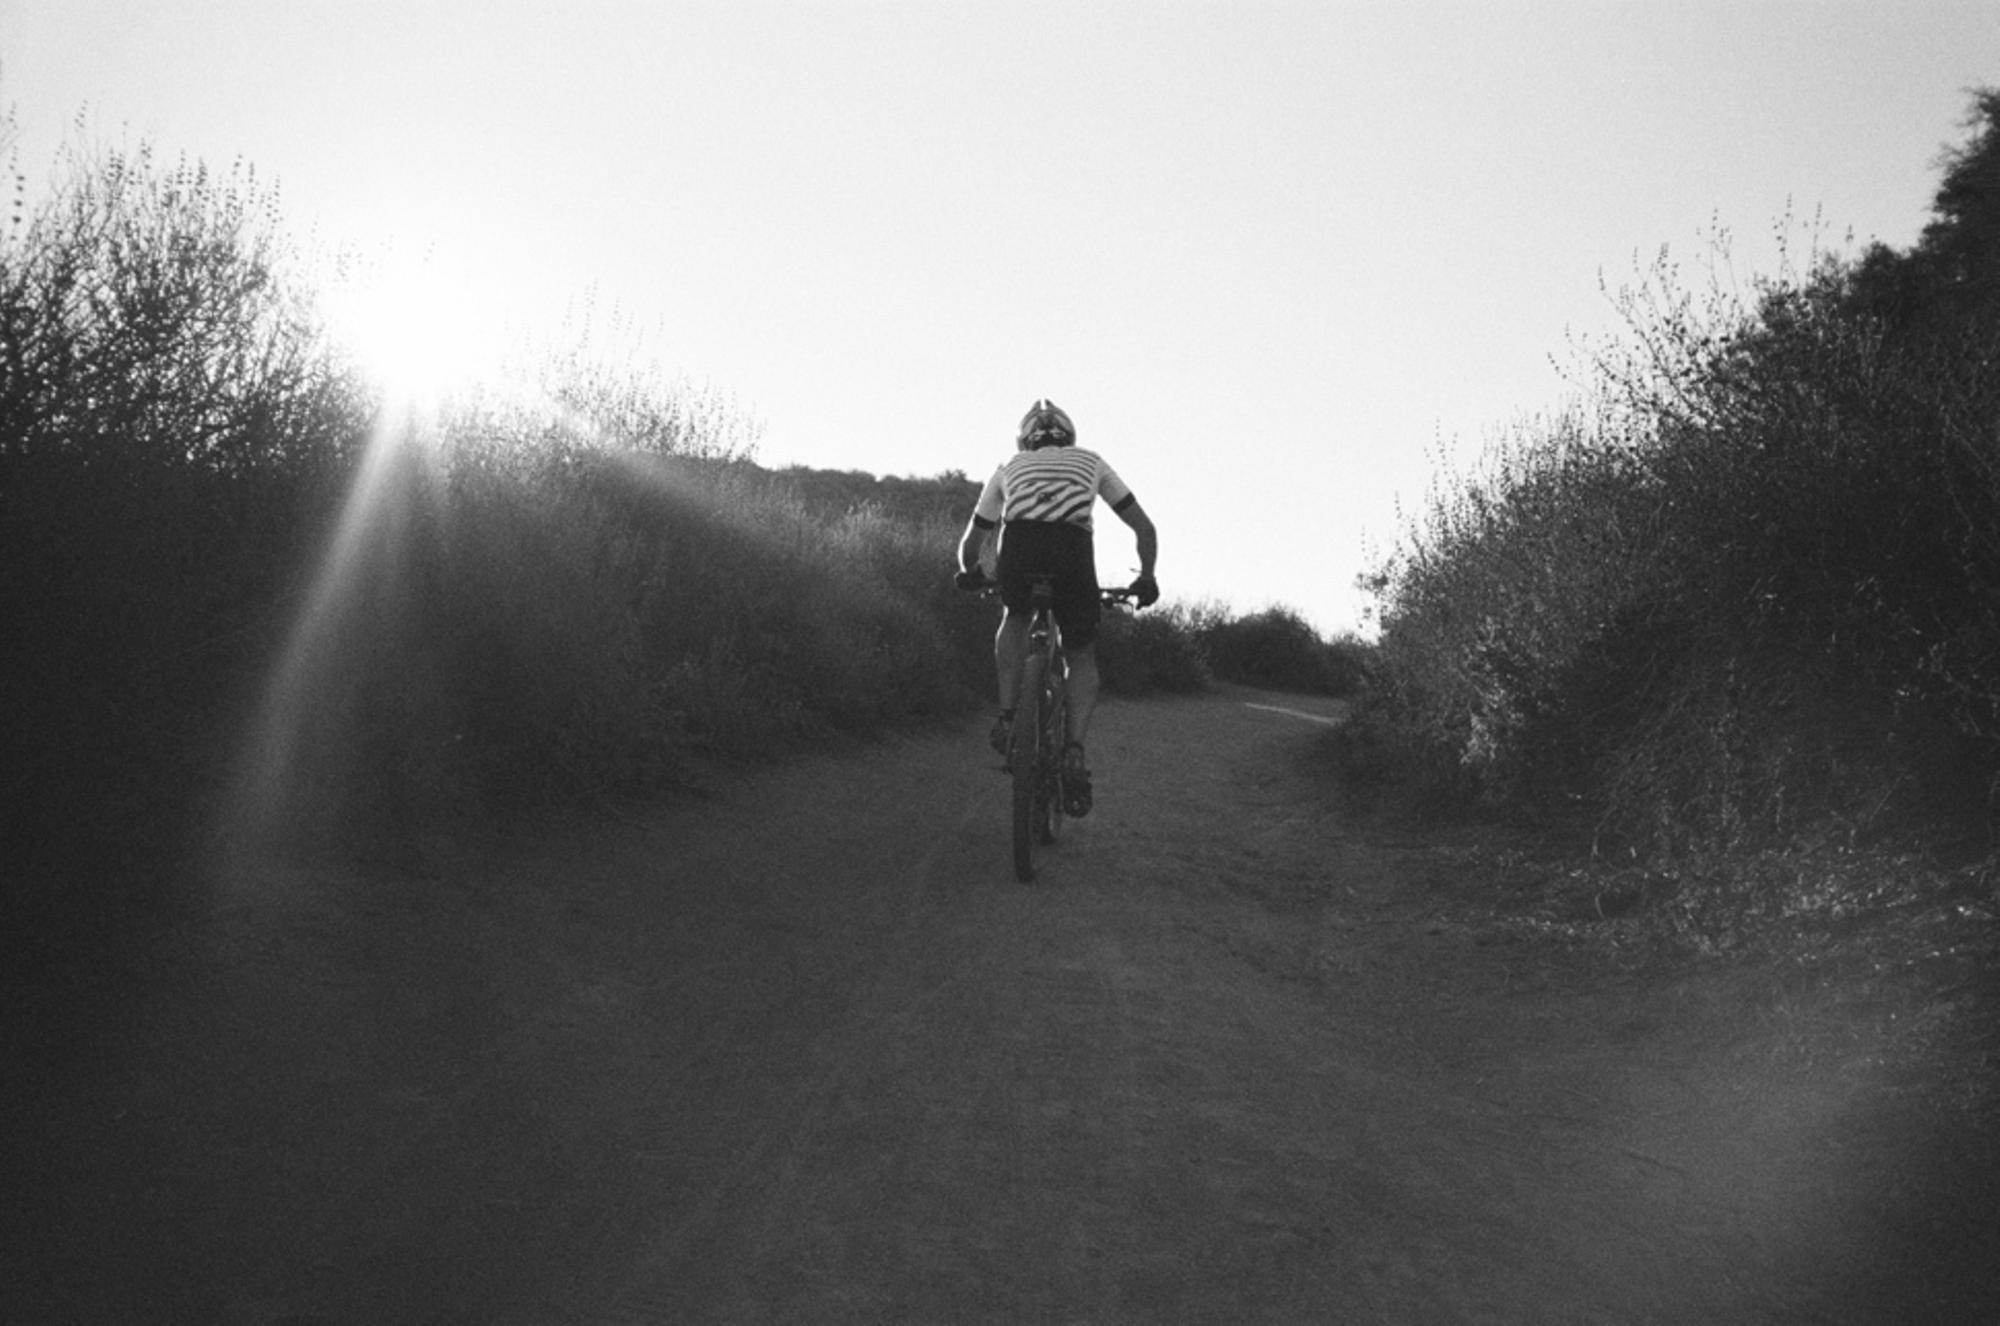 The riding in Topanga was incredible.